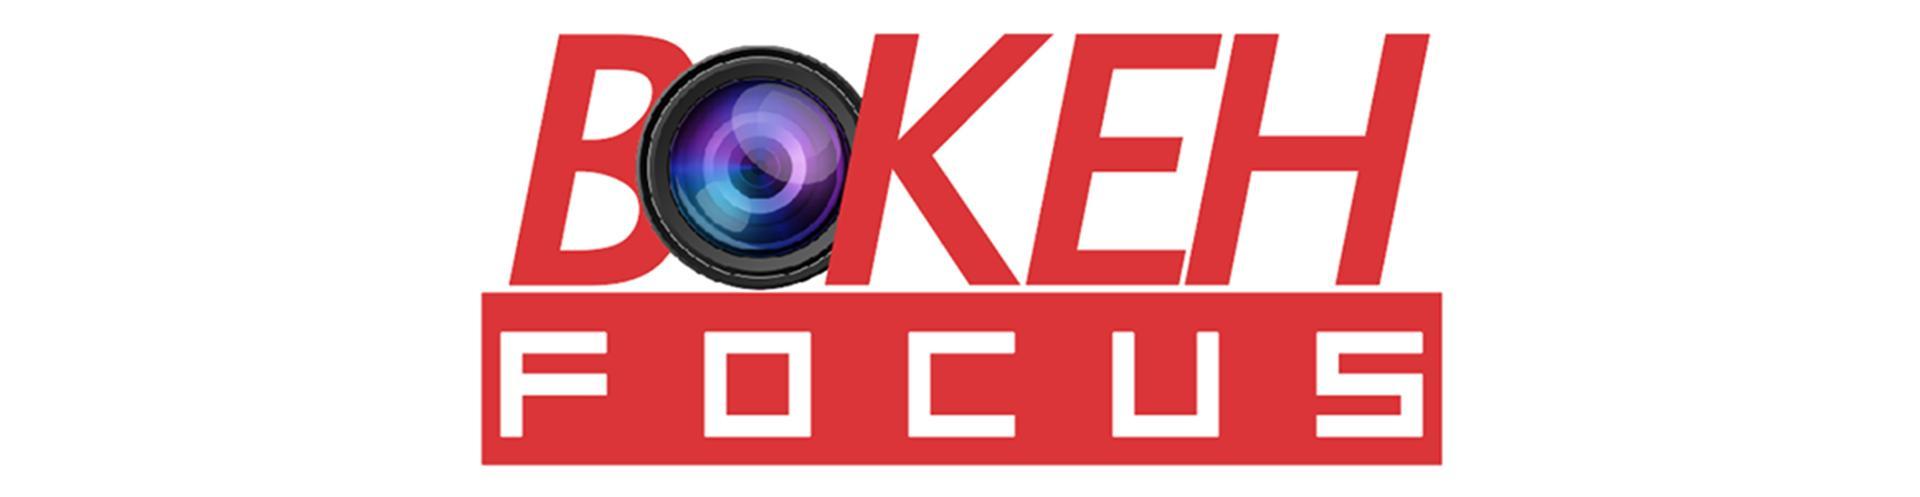 Bokeh Focus